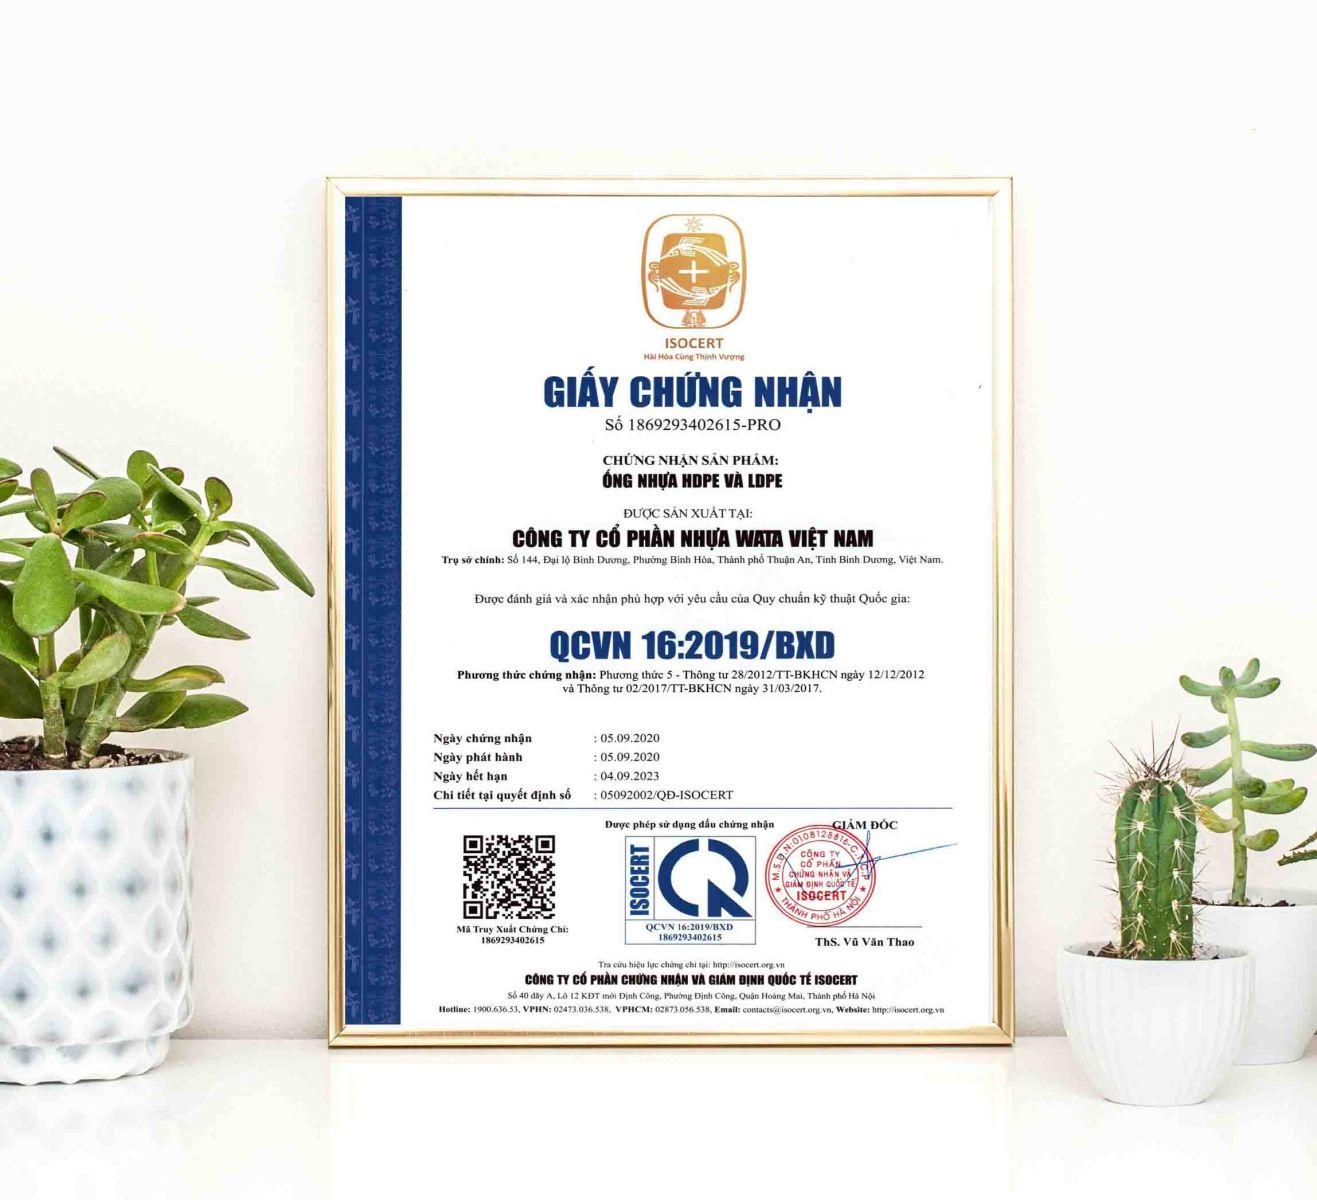 Tổ chức chứng nhận và giám định quốc tế ISOCERT